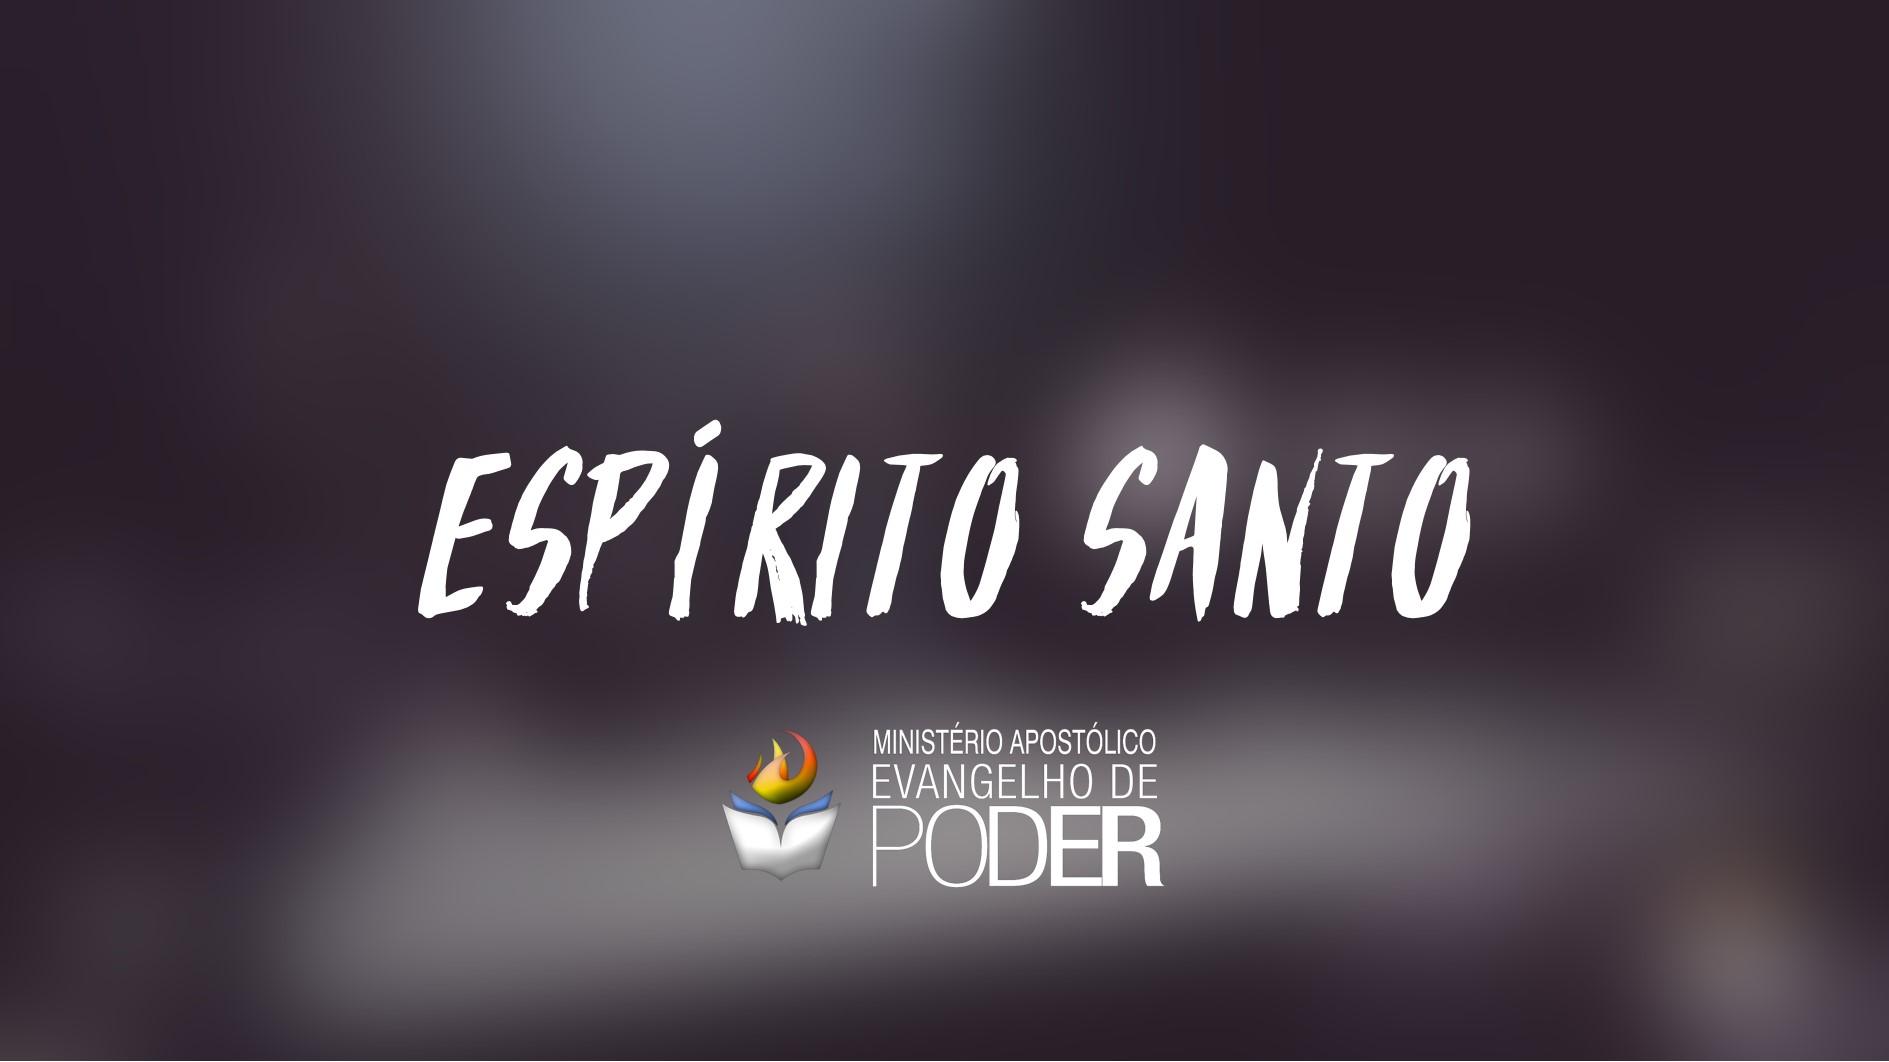 ESPÍRITO SANTO - LOUVOR E ADORAÇÃO